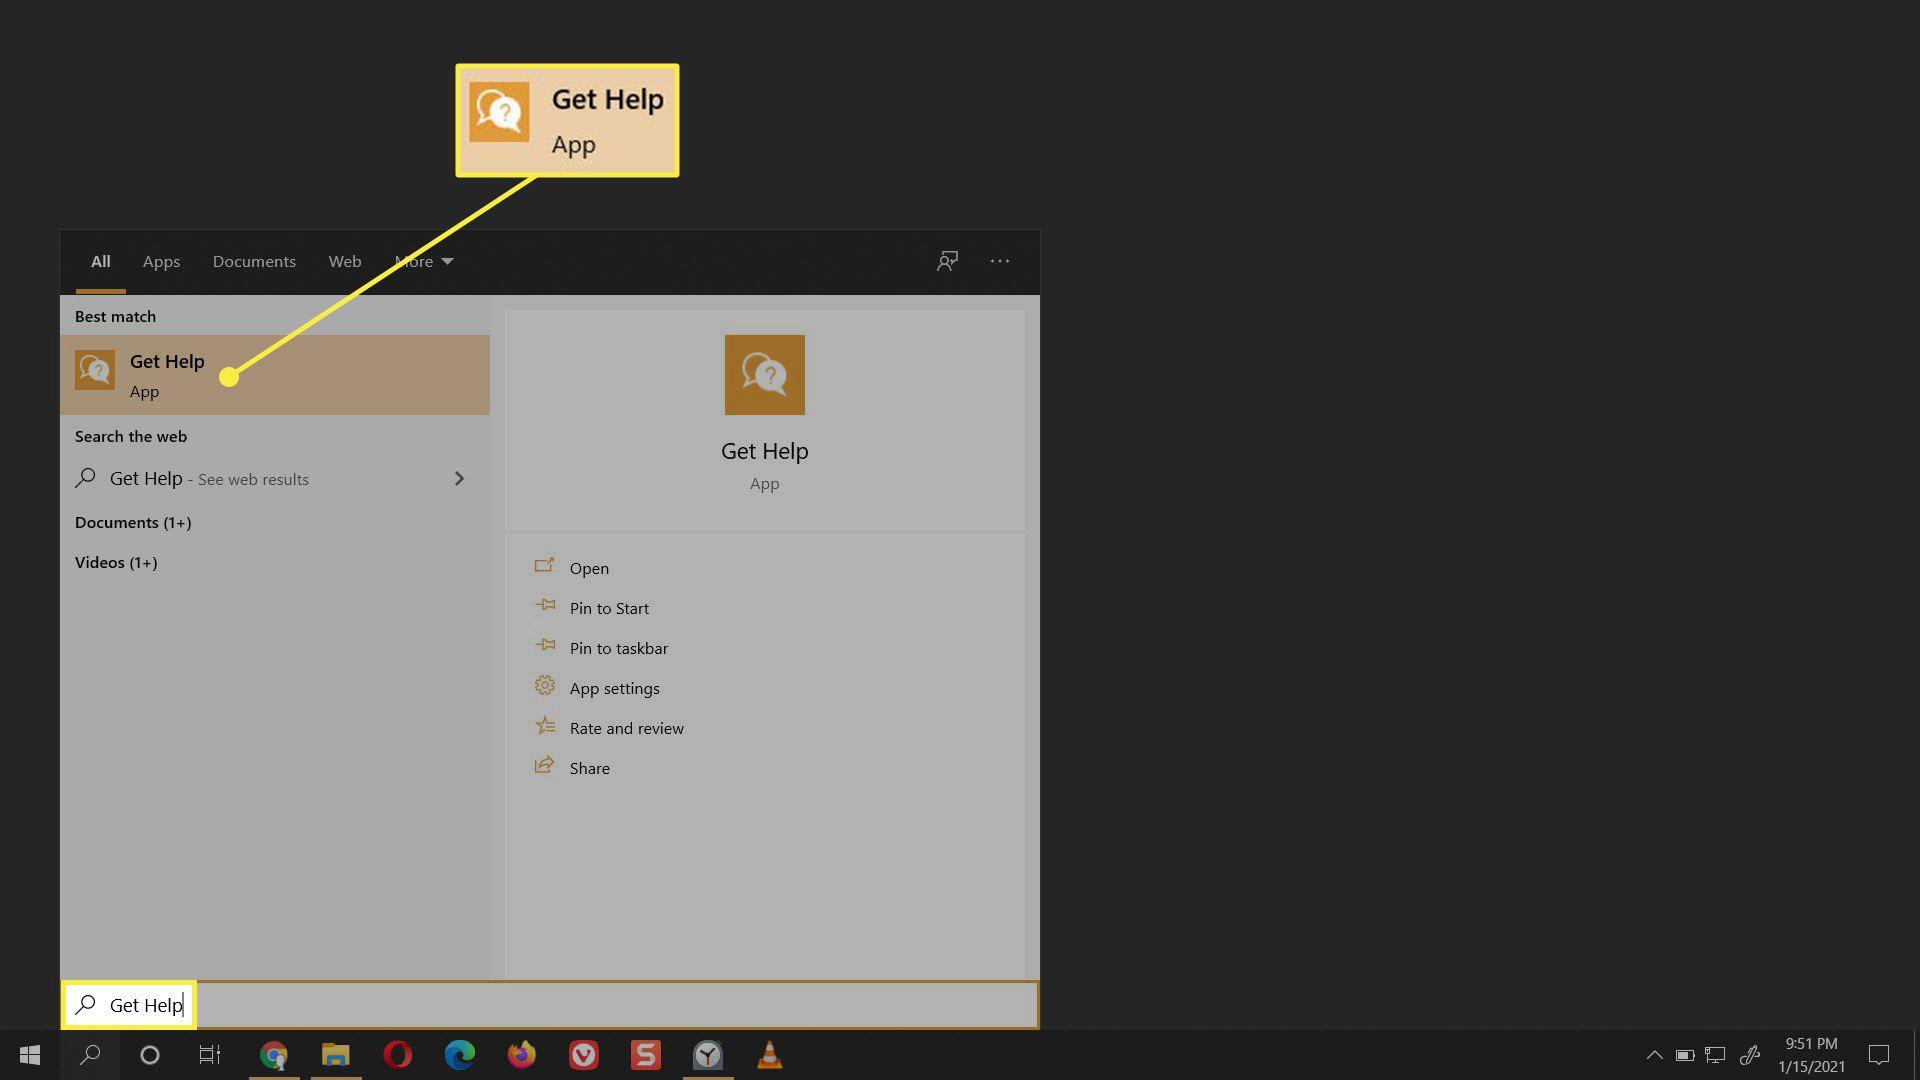 The Get Help app in Windows 10.